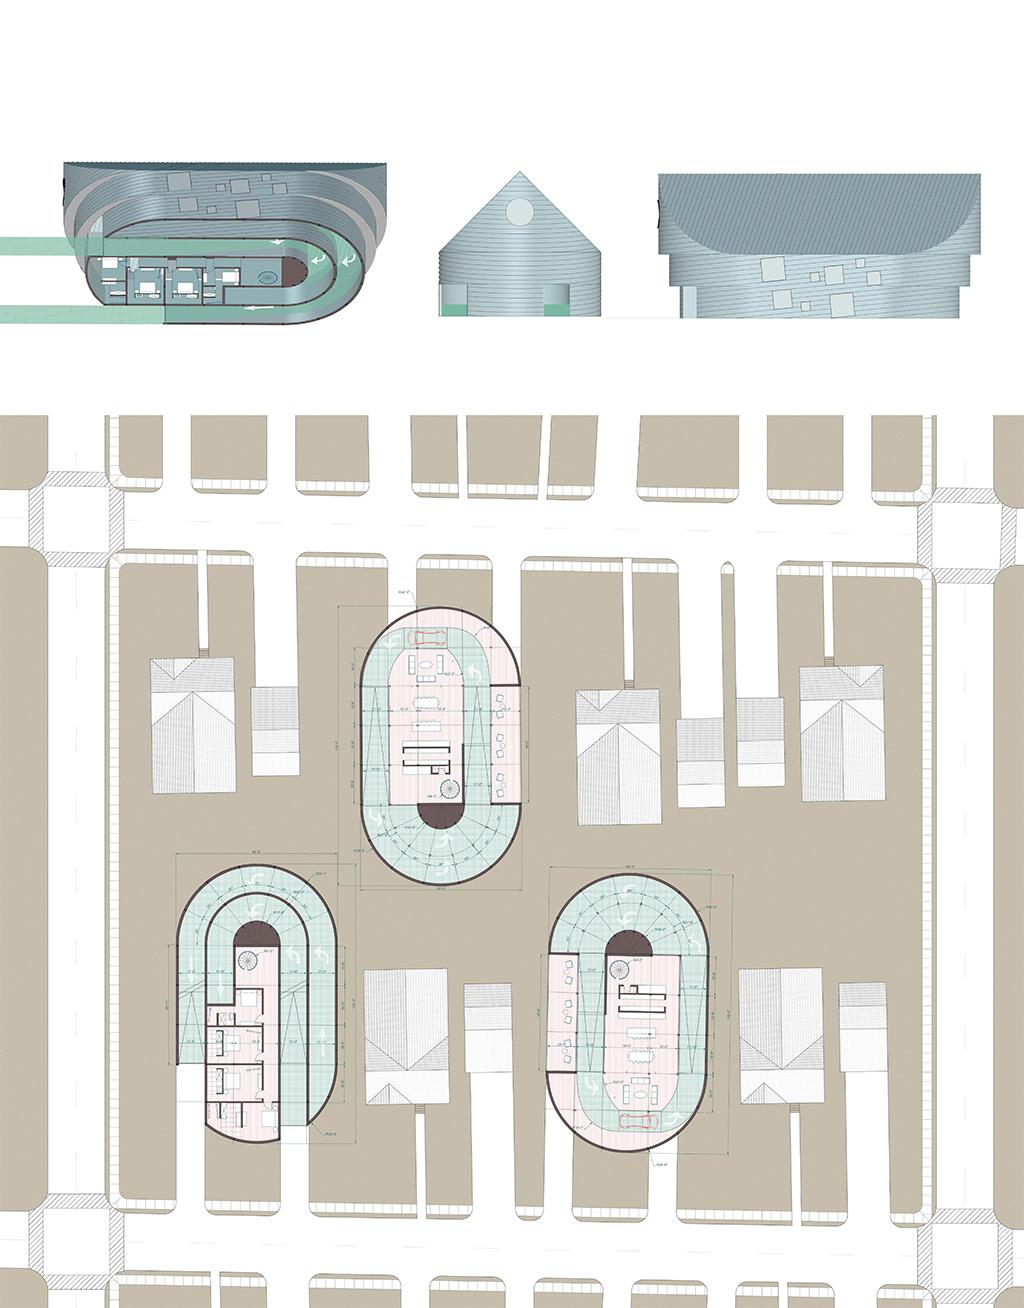 House Drawings sm.jpg